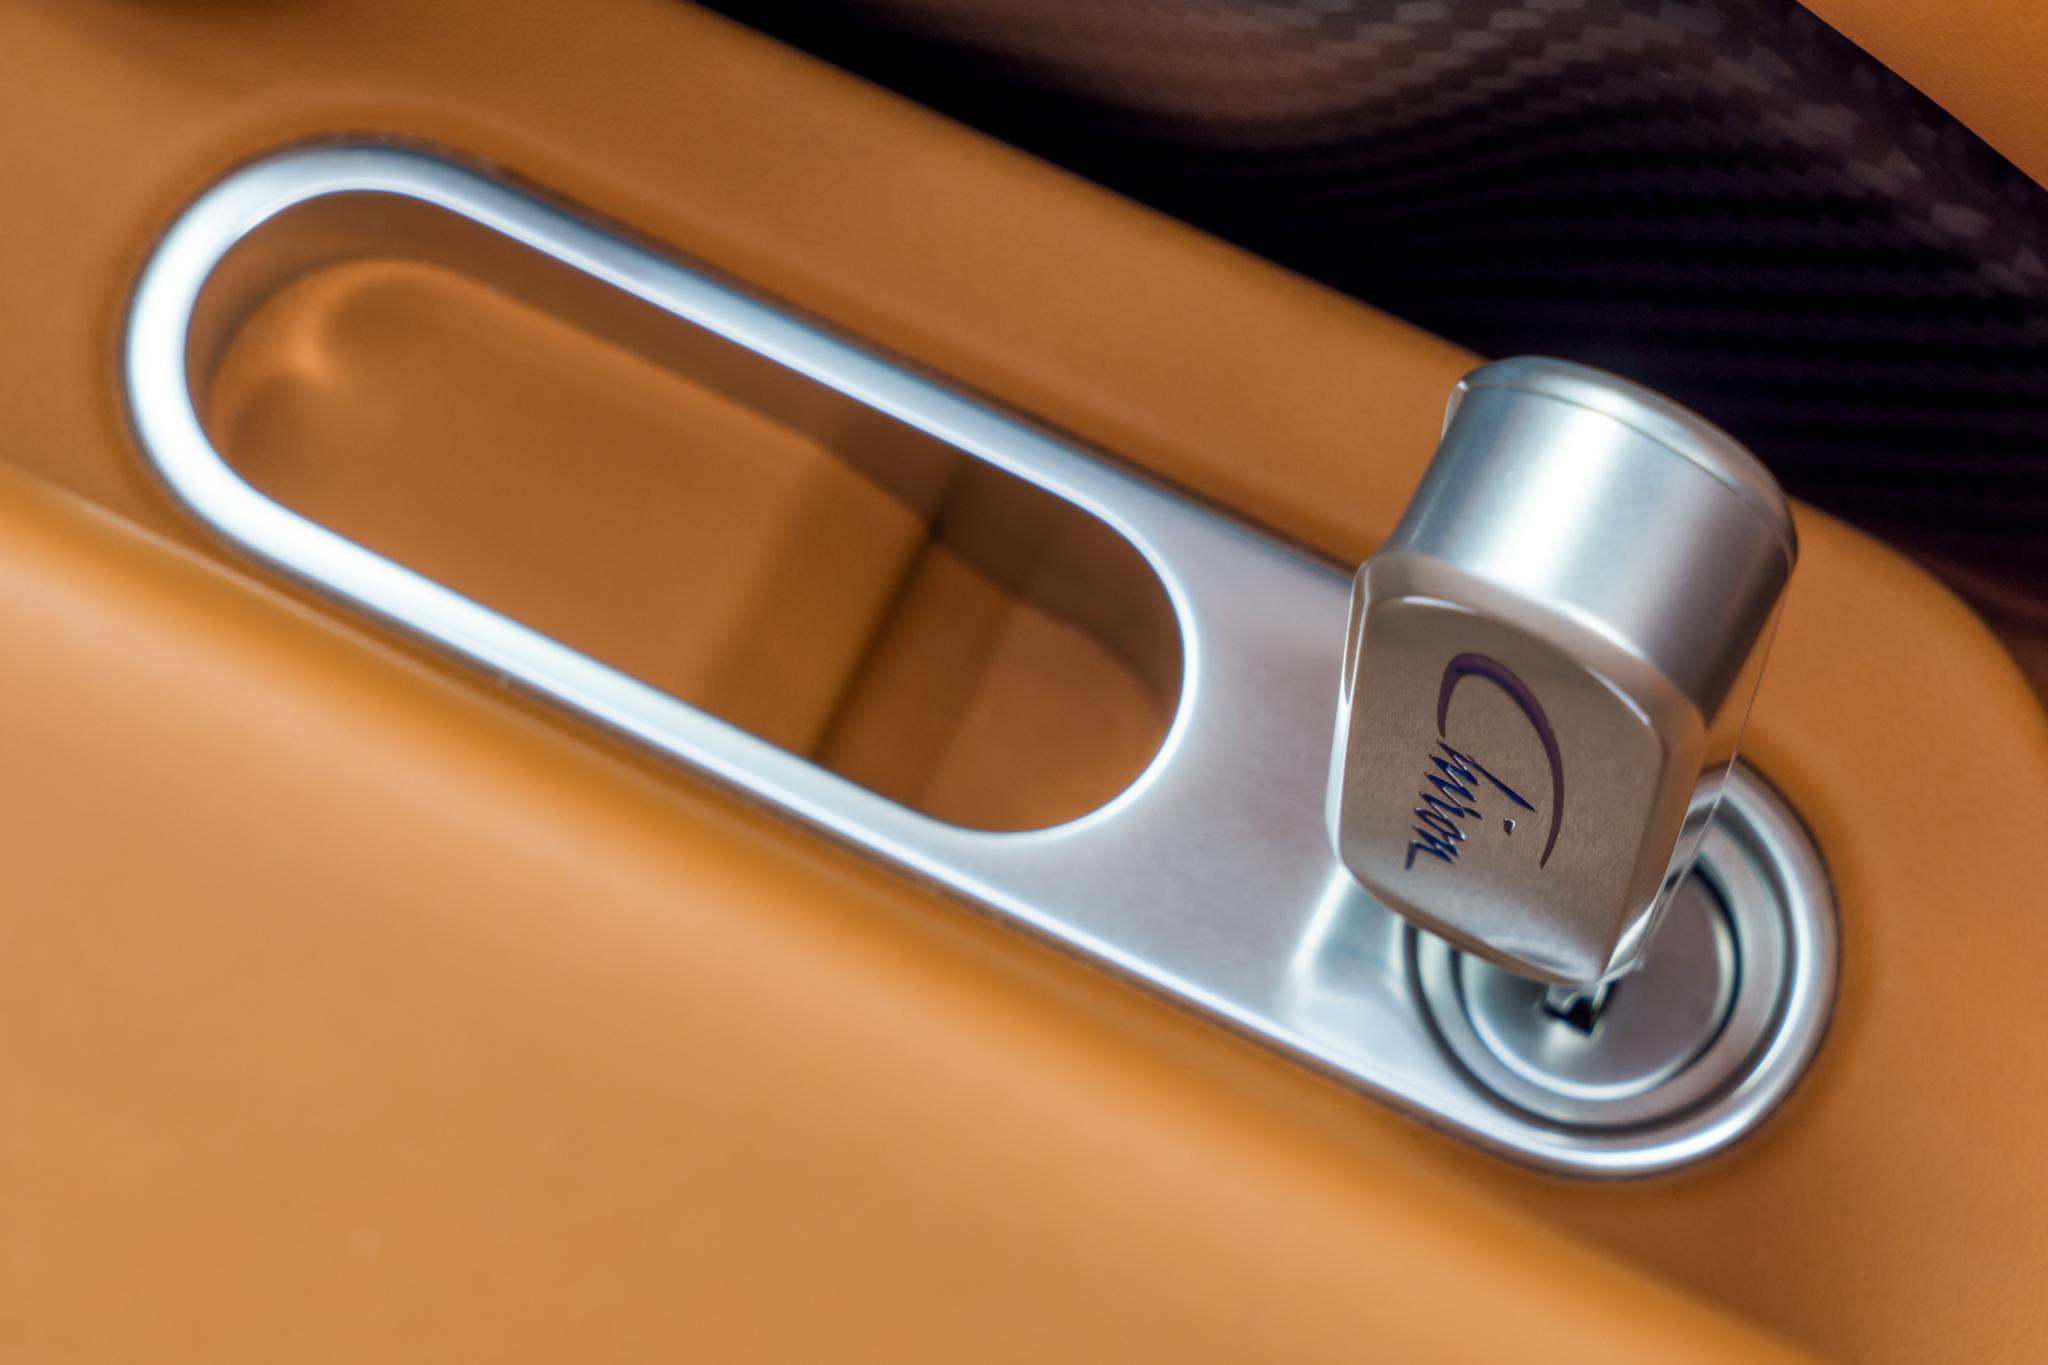 La Top Speed Key libera toda la potencia y permite alcanzar los 420...